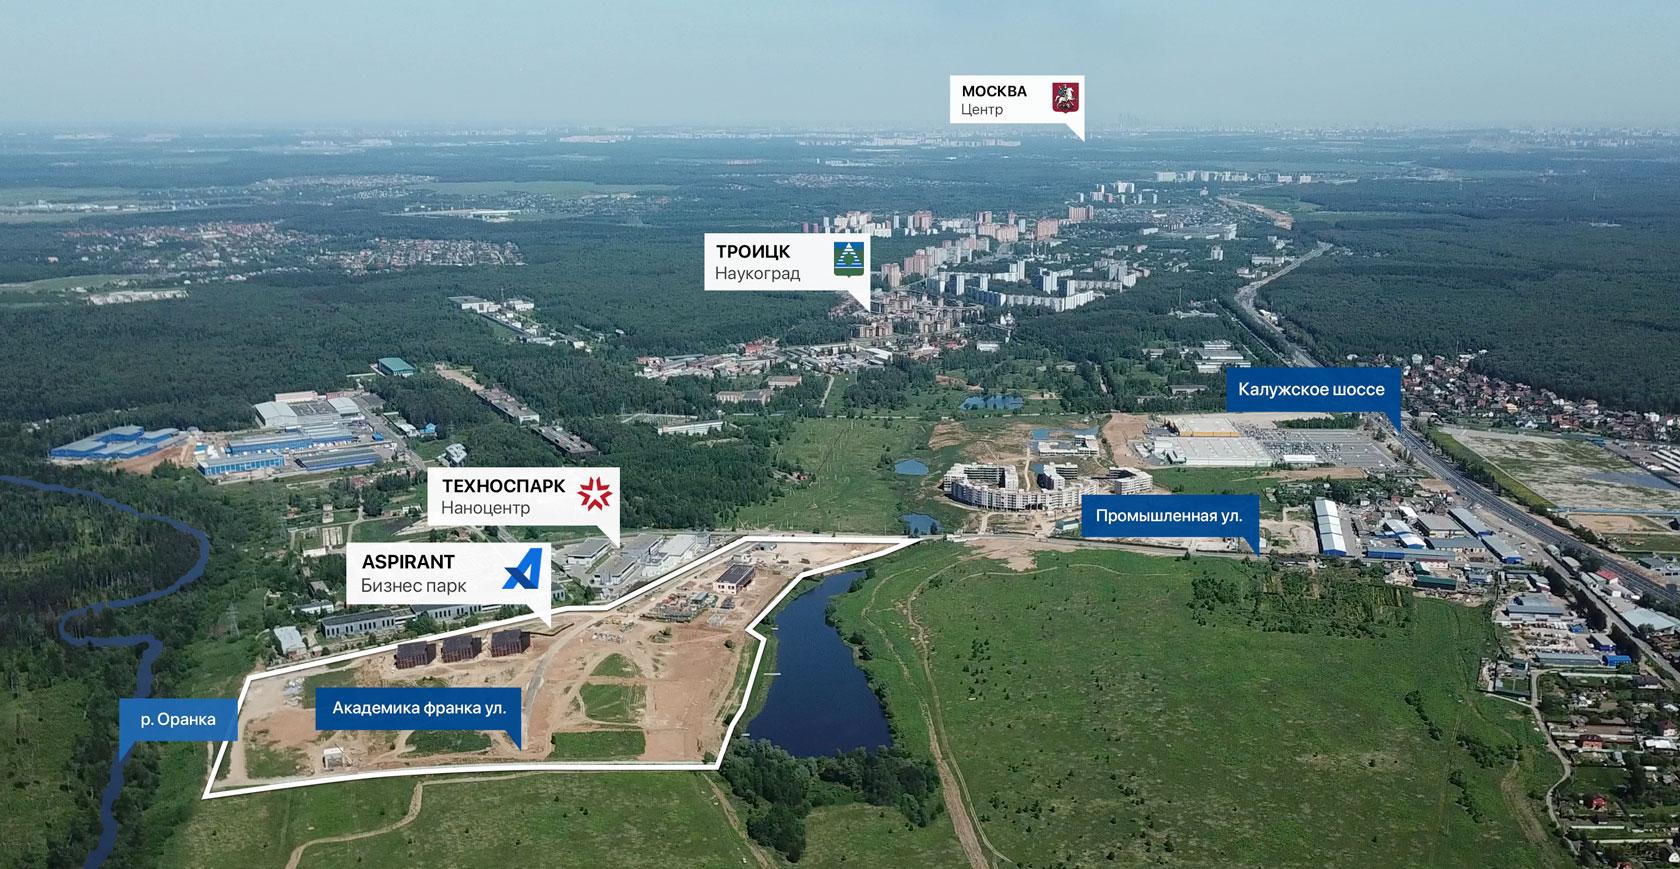 Купить участок промышленного назначенияя бизнес-парк Аспирант, наукоград Троицк, ТИНАО, новая Москва